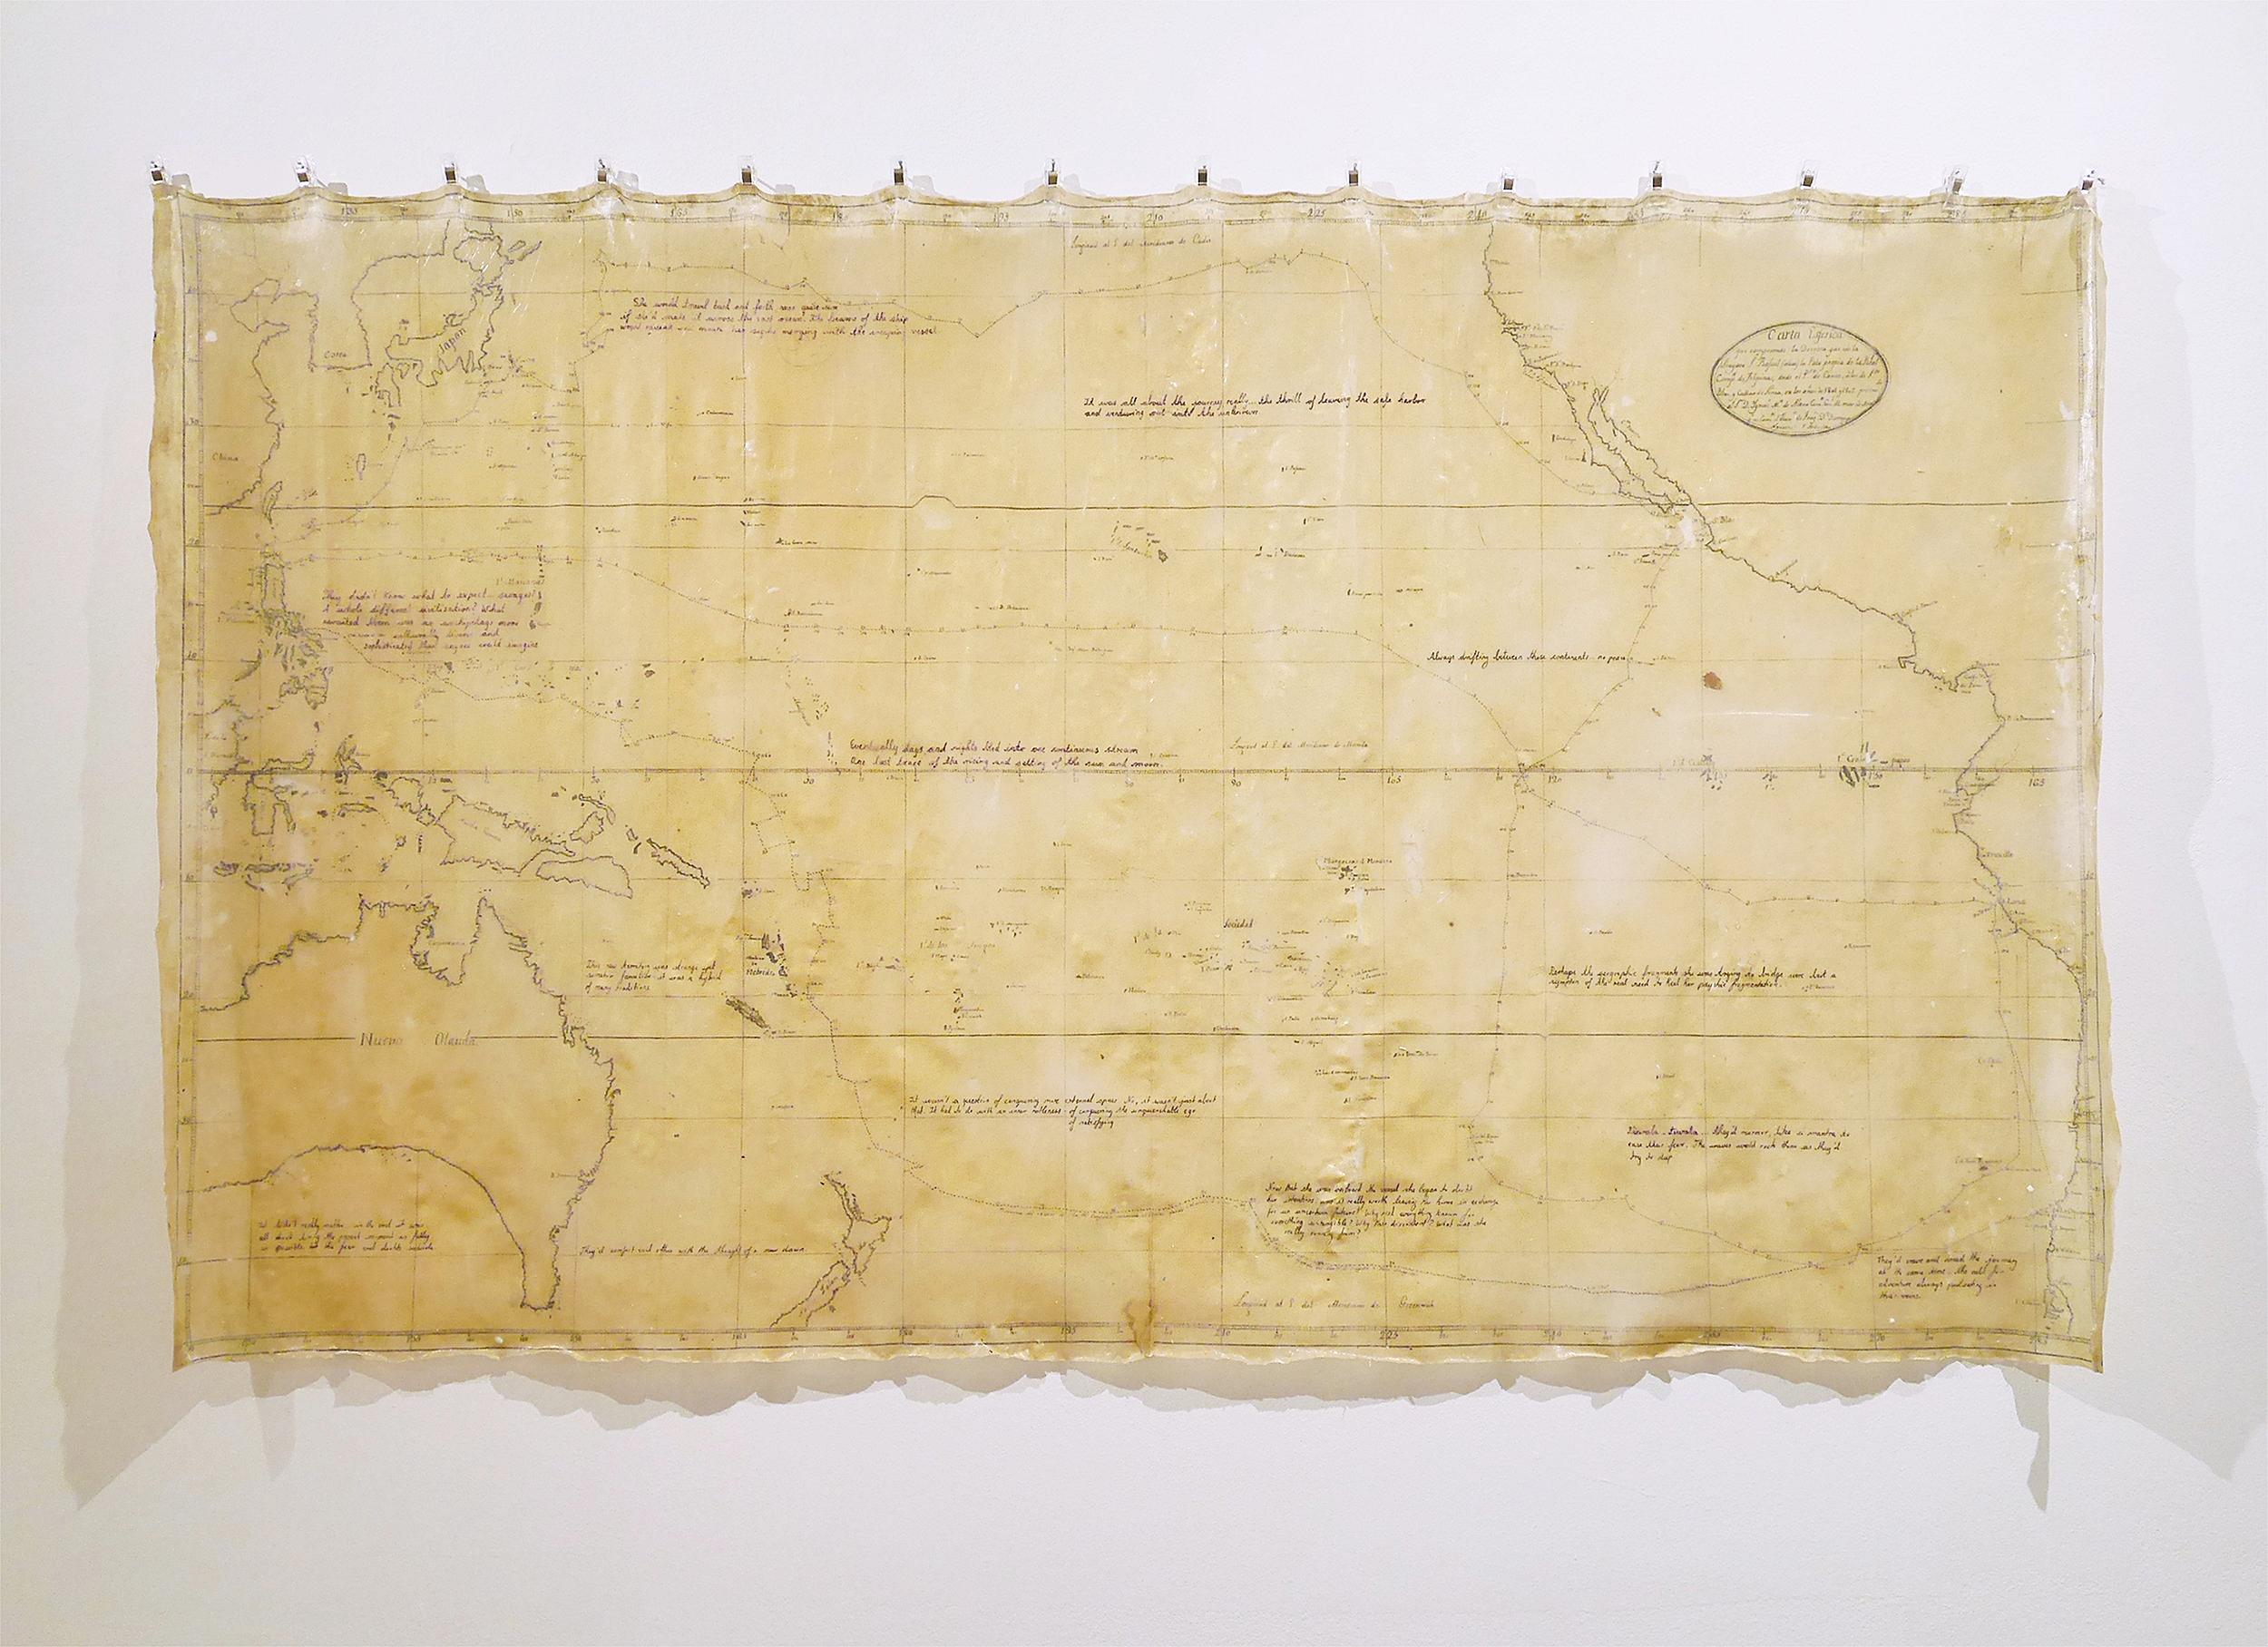 El Tornaviaje (The Return Voyage), 2017